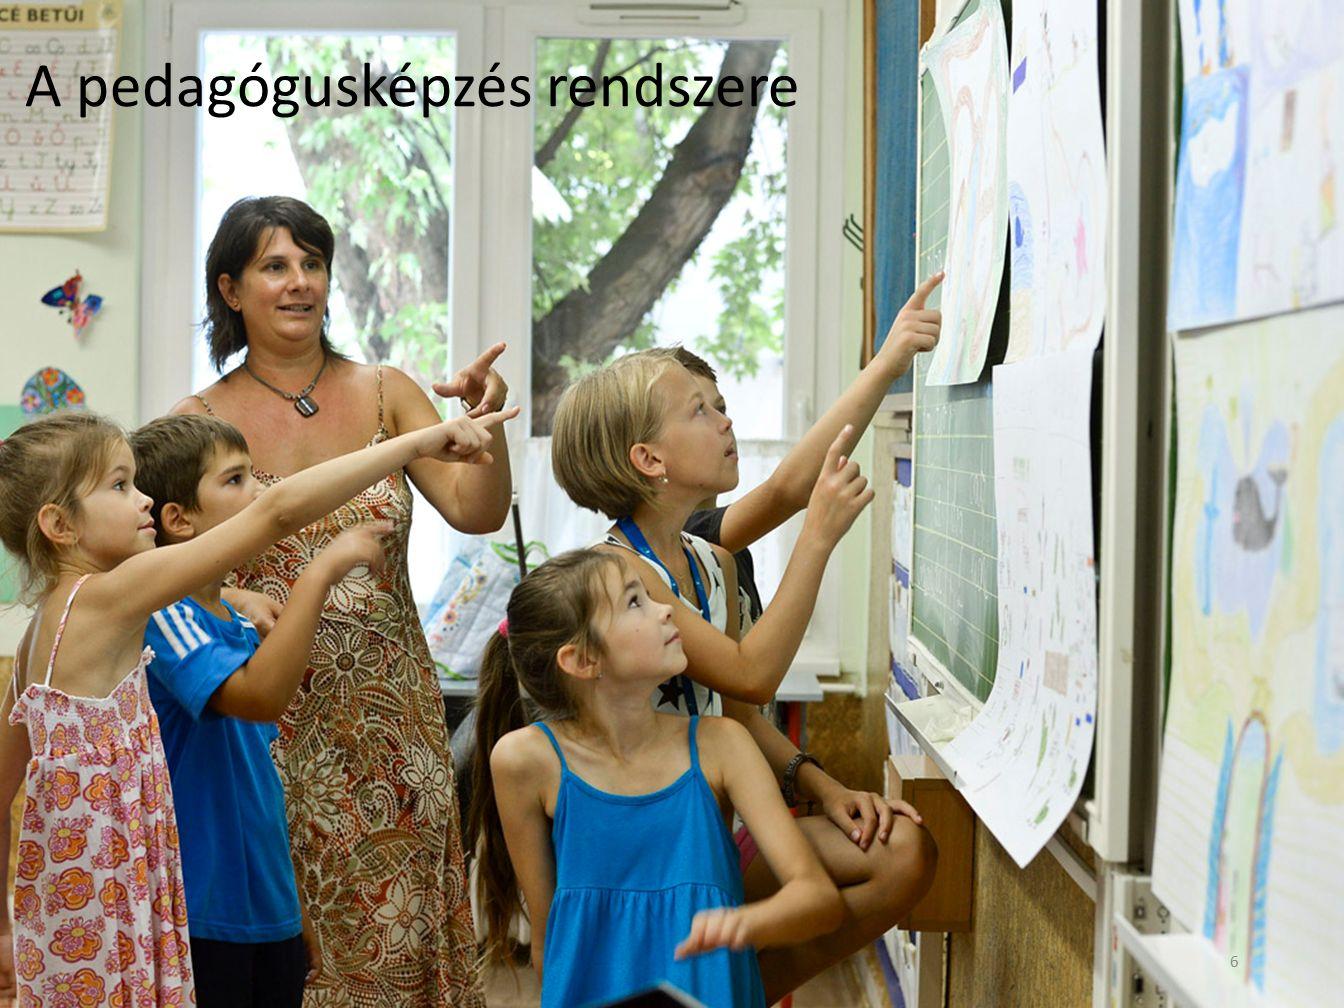 6 A pedagógusképzés rendszere